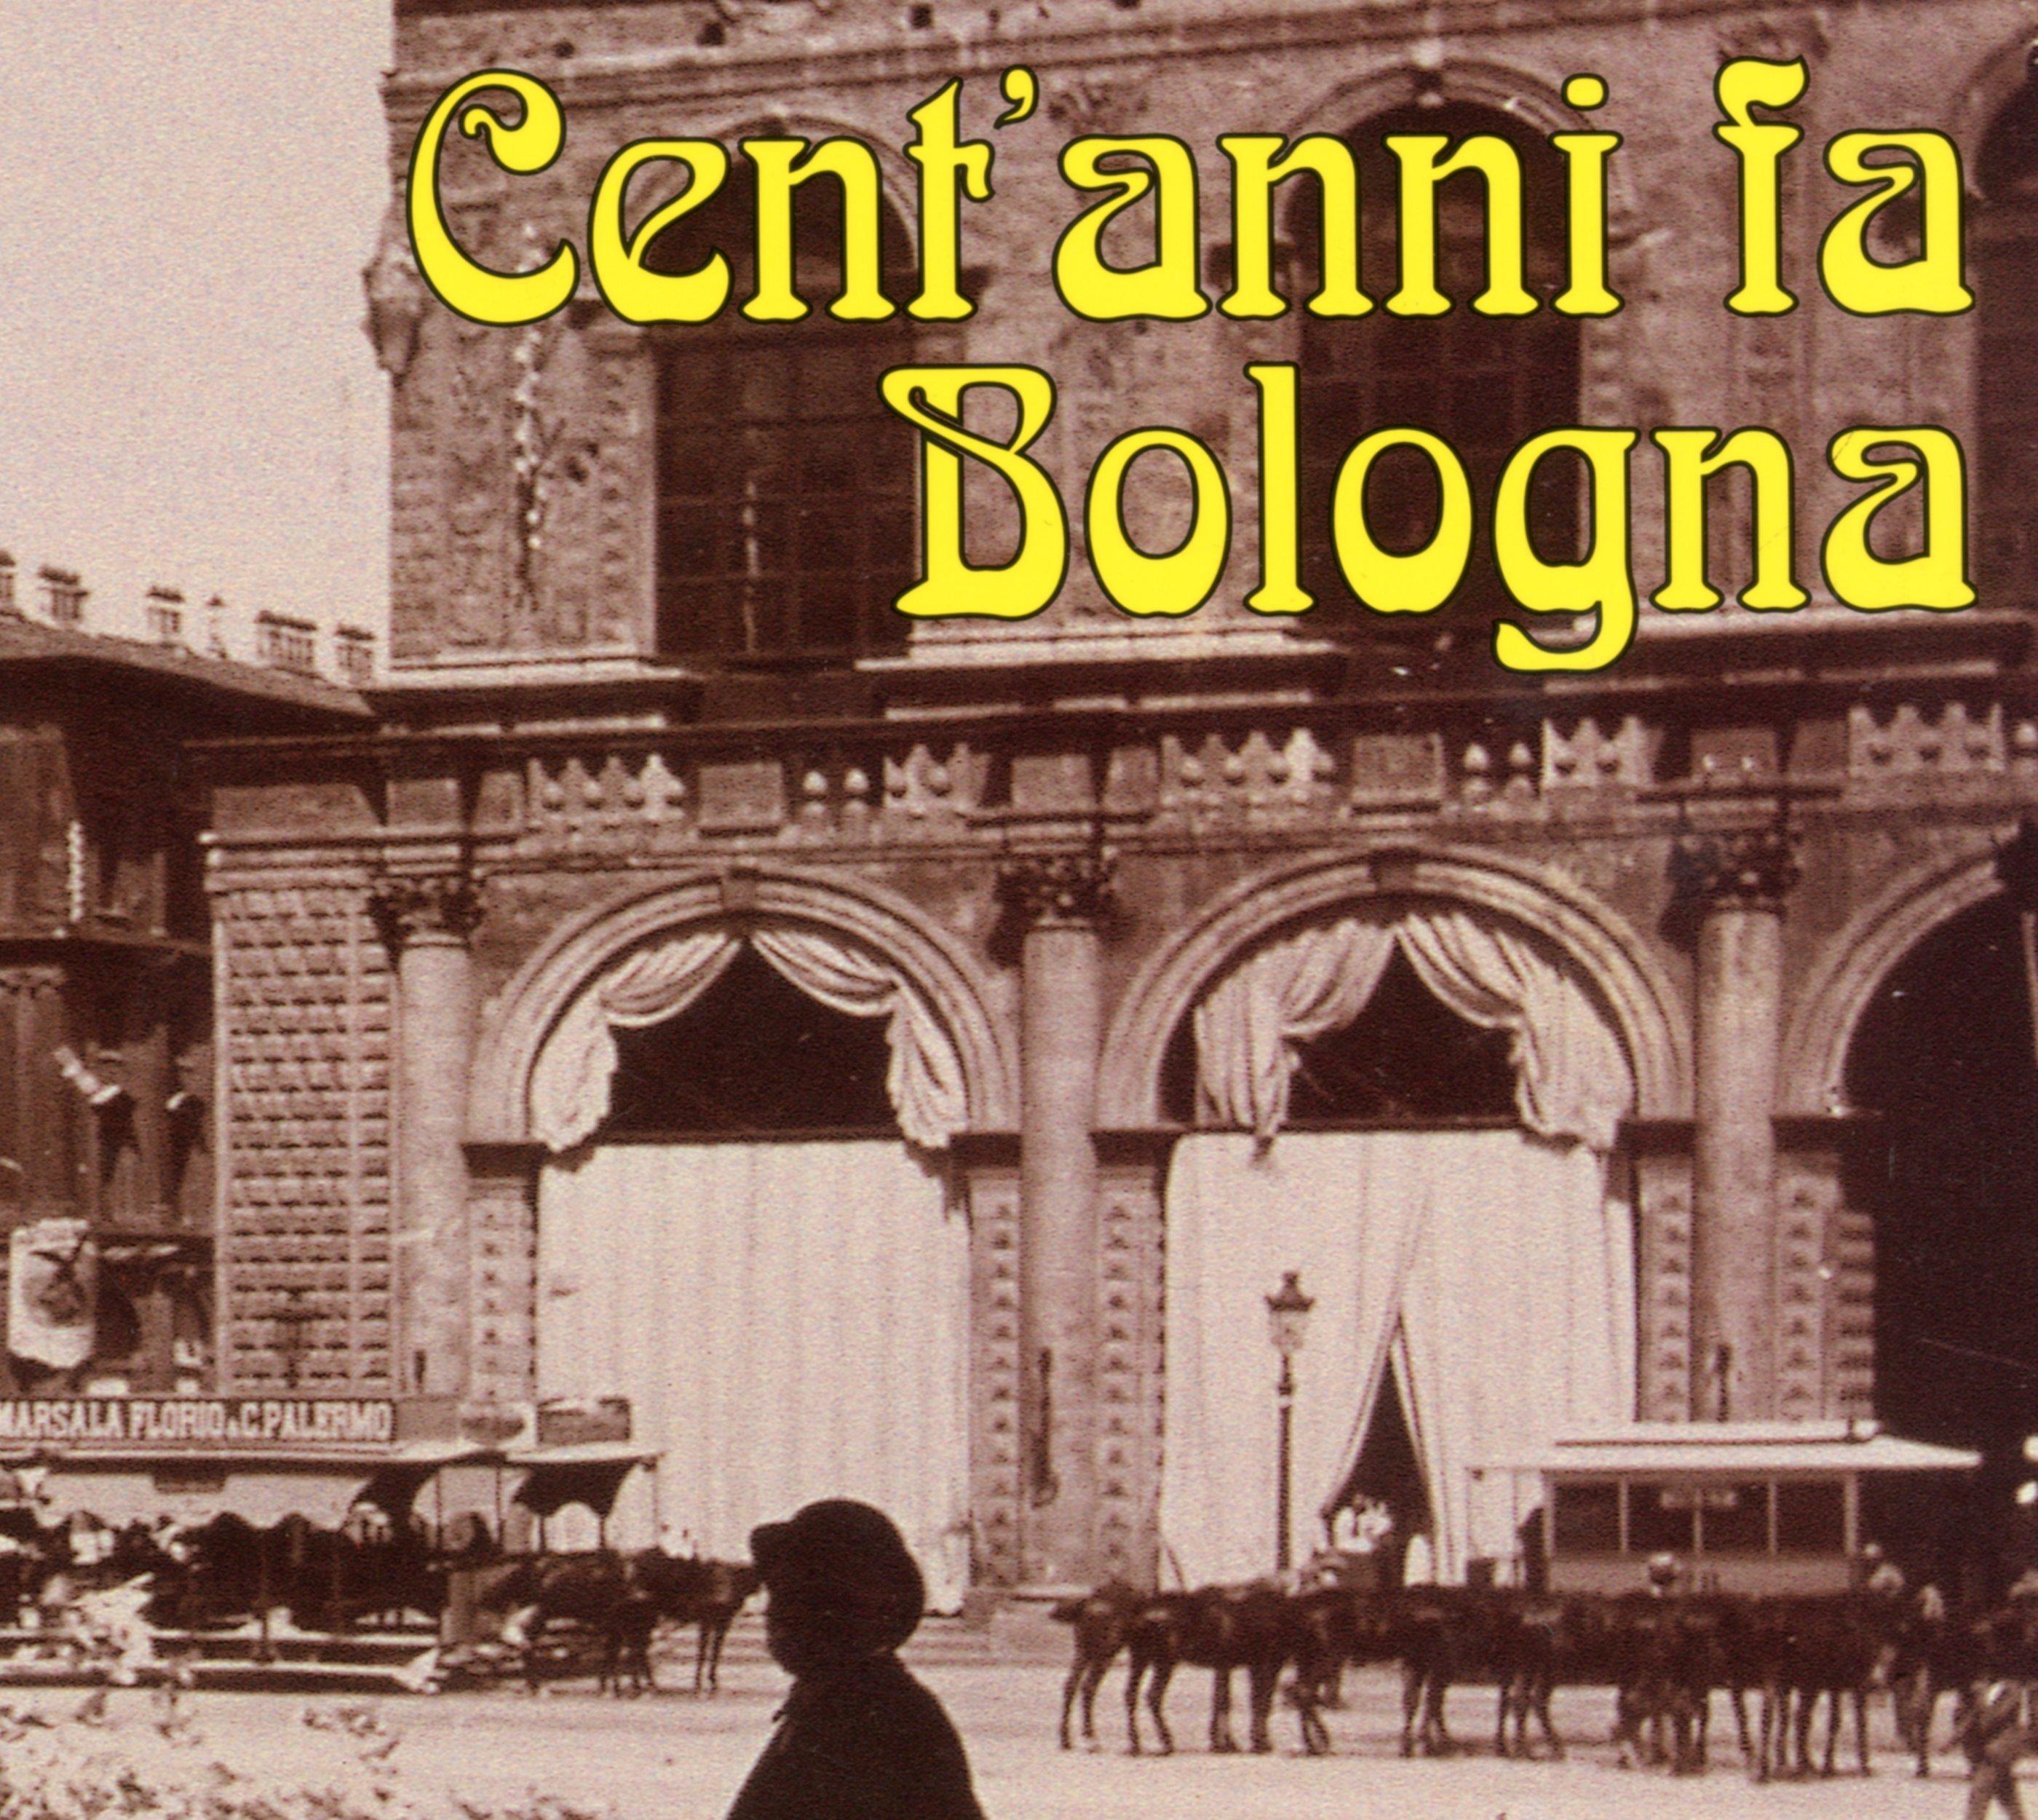 Cent' anni fa Bologna. Angoli e ricordi della città nella raccolta fotografica Belluzzi